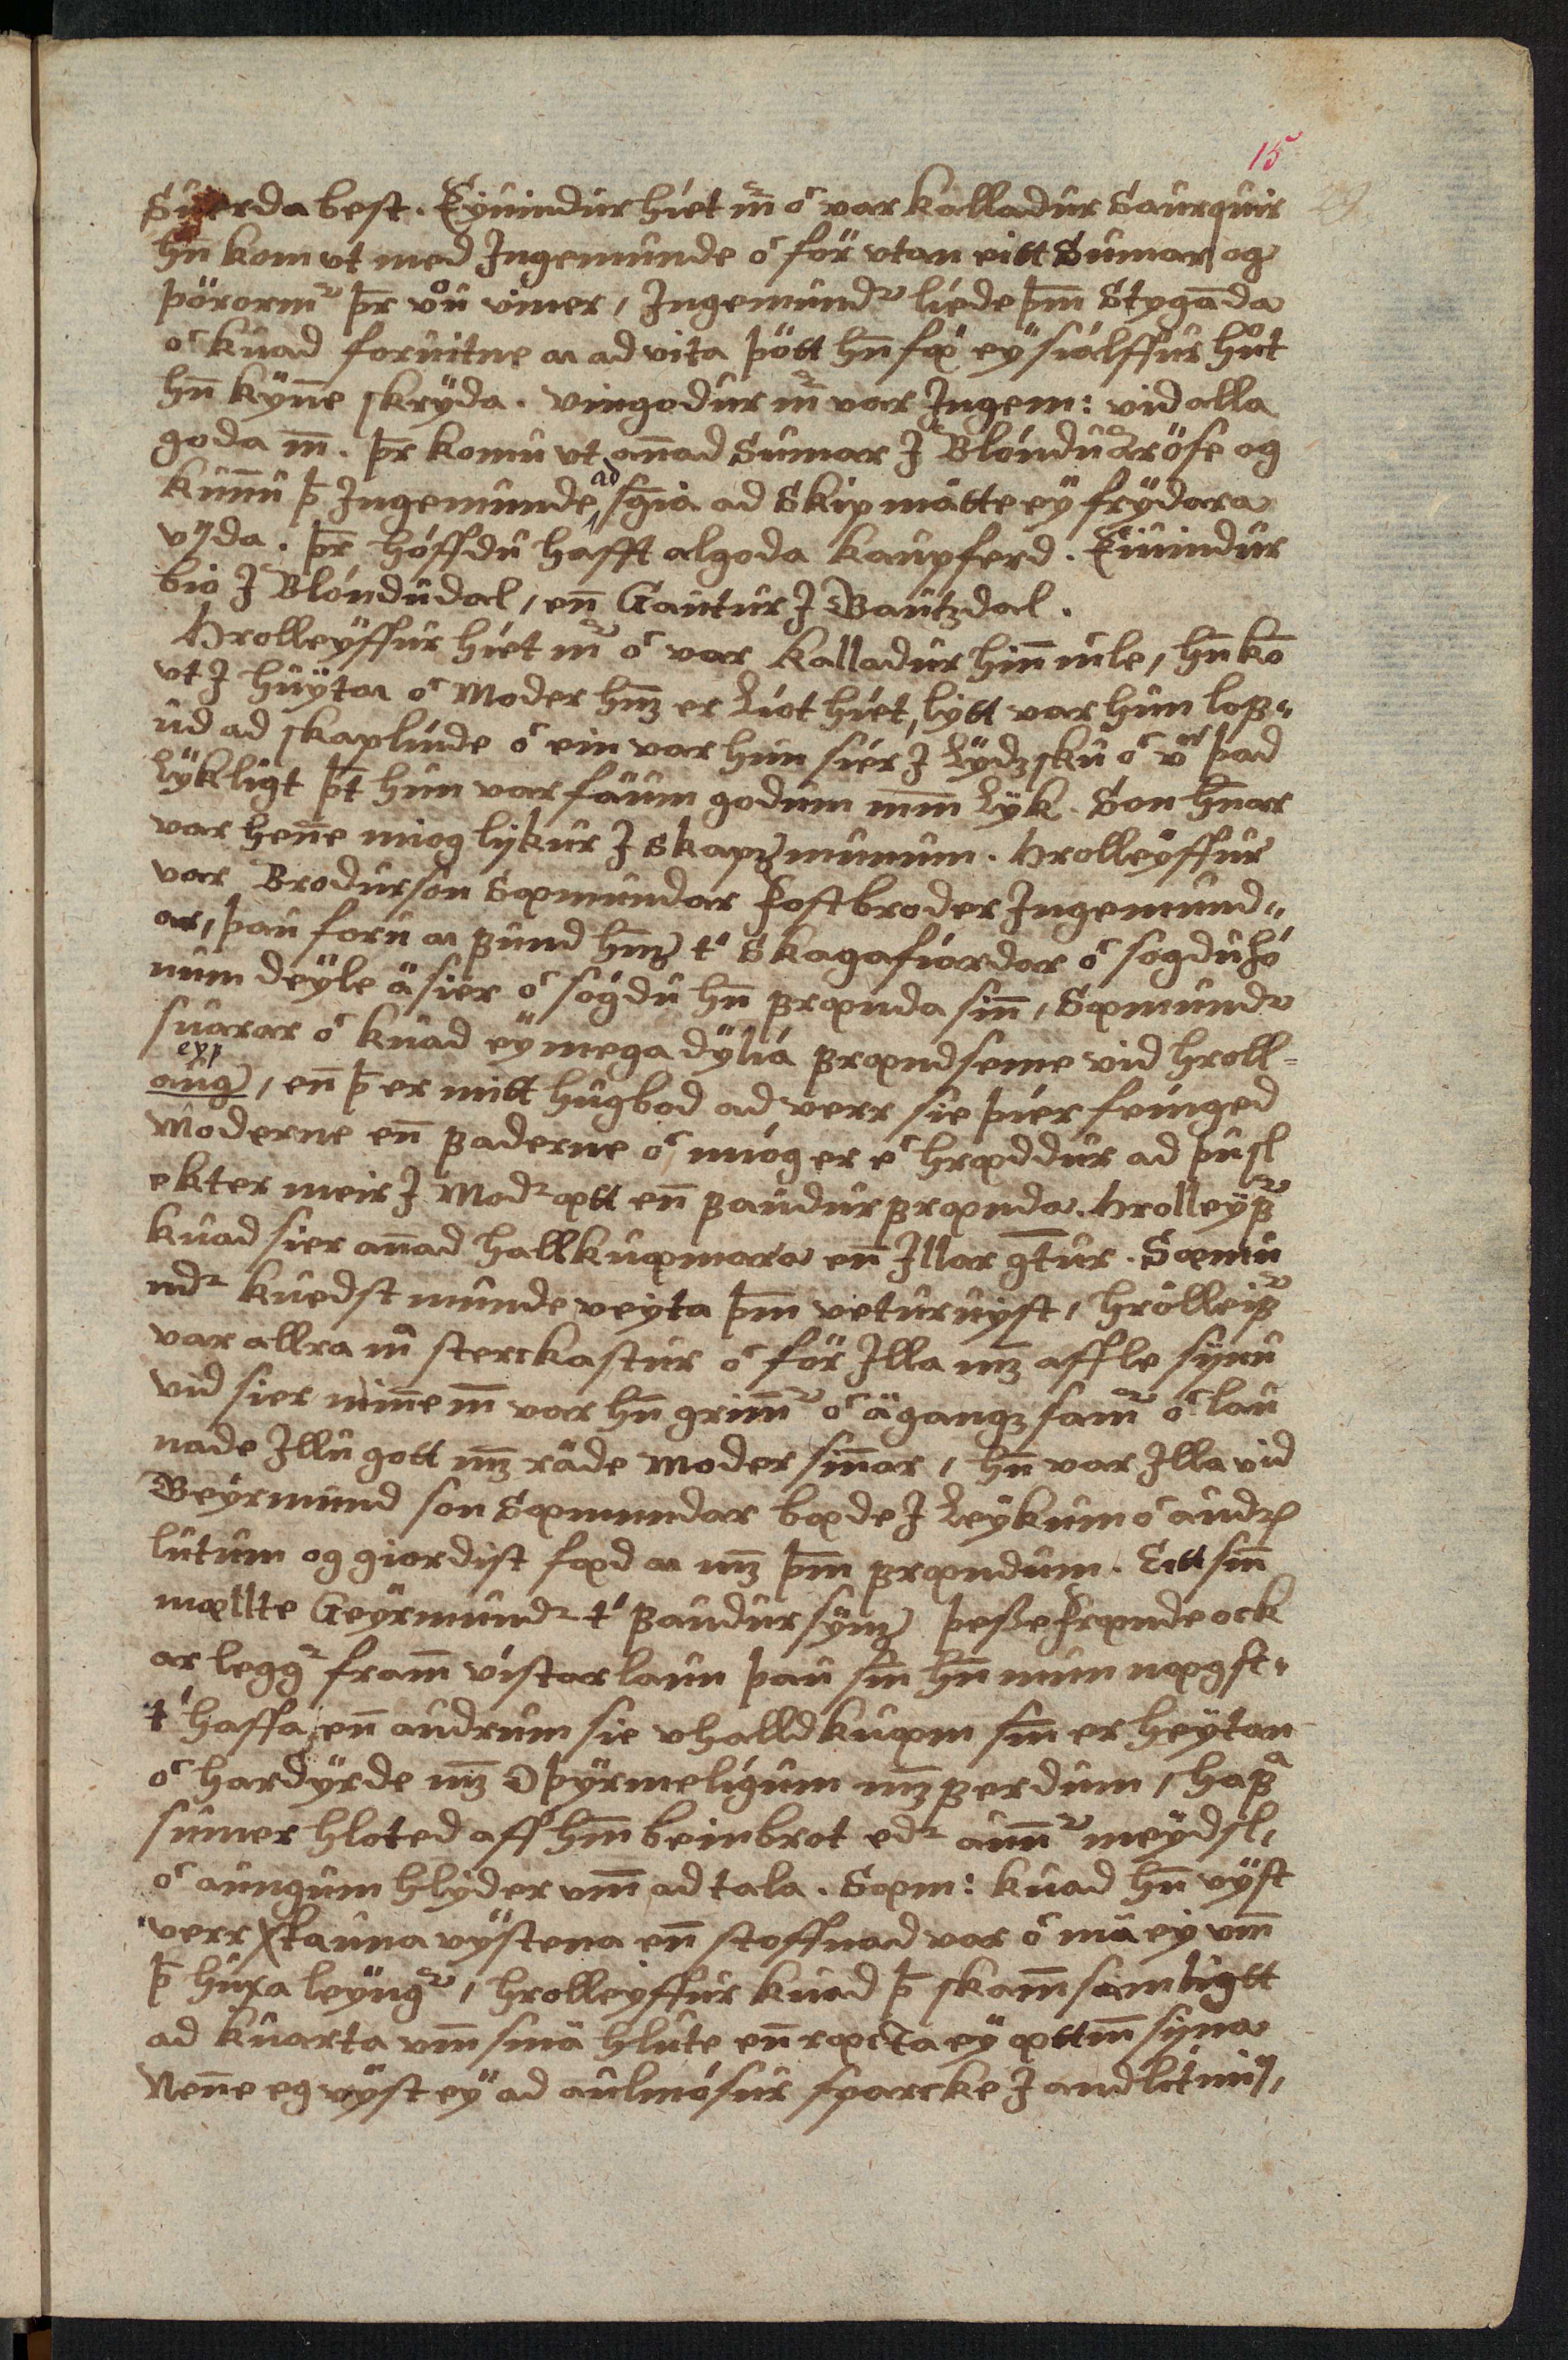 AM 138 fol - 15r